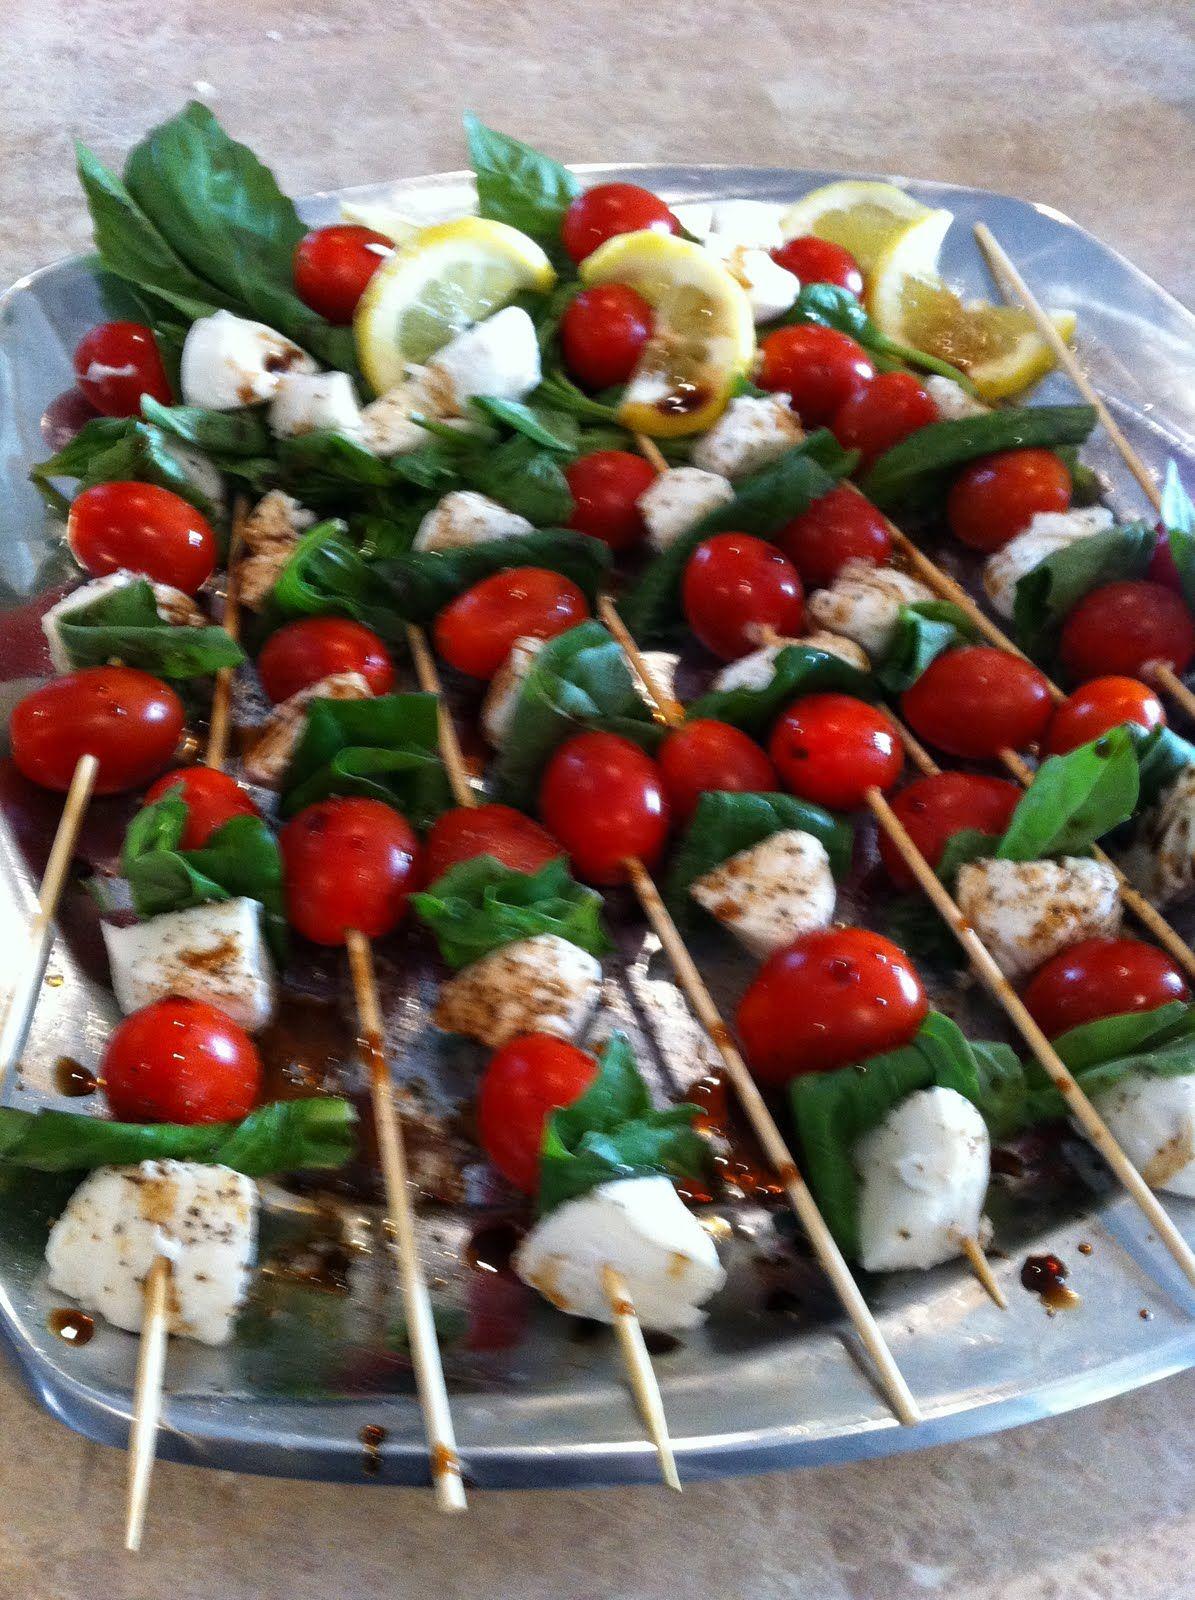 Ideas For An Italian Themed Dinner Party Part - 42: Italian Themed Dinner